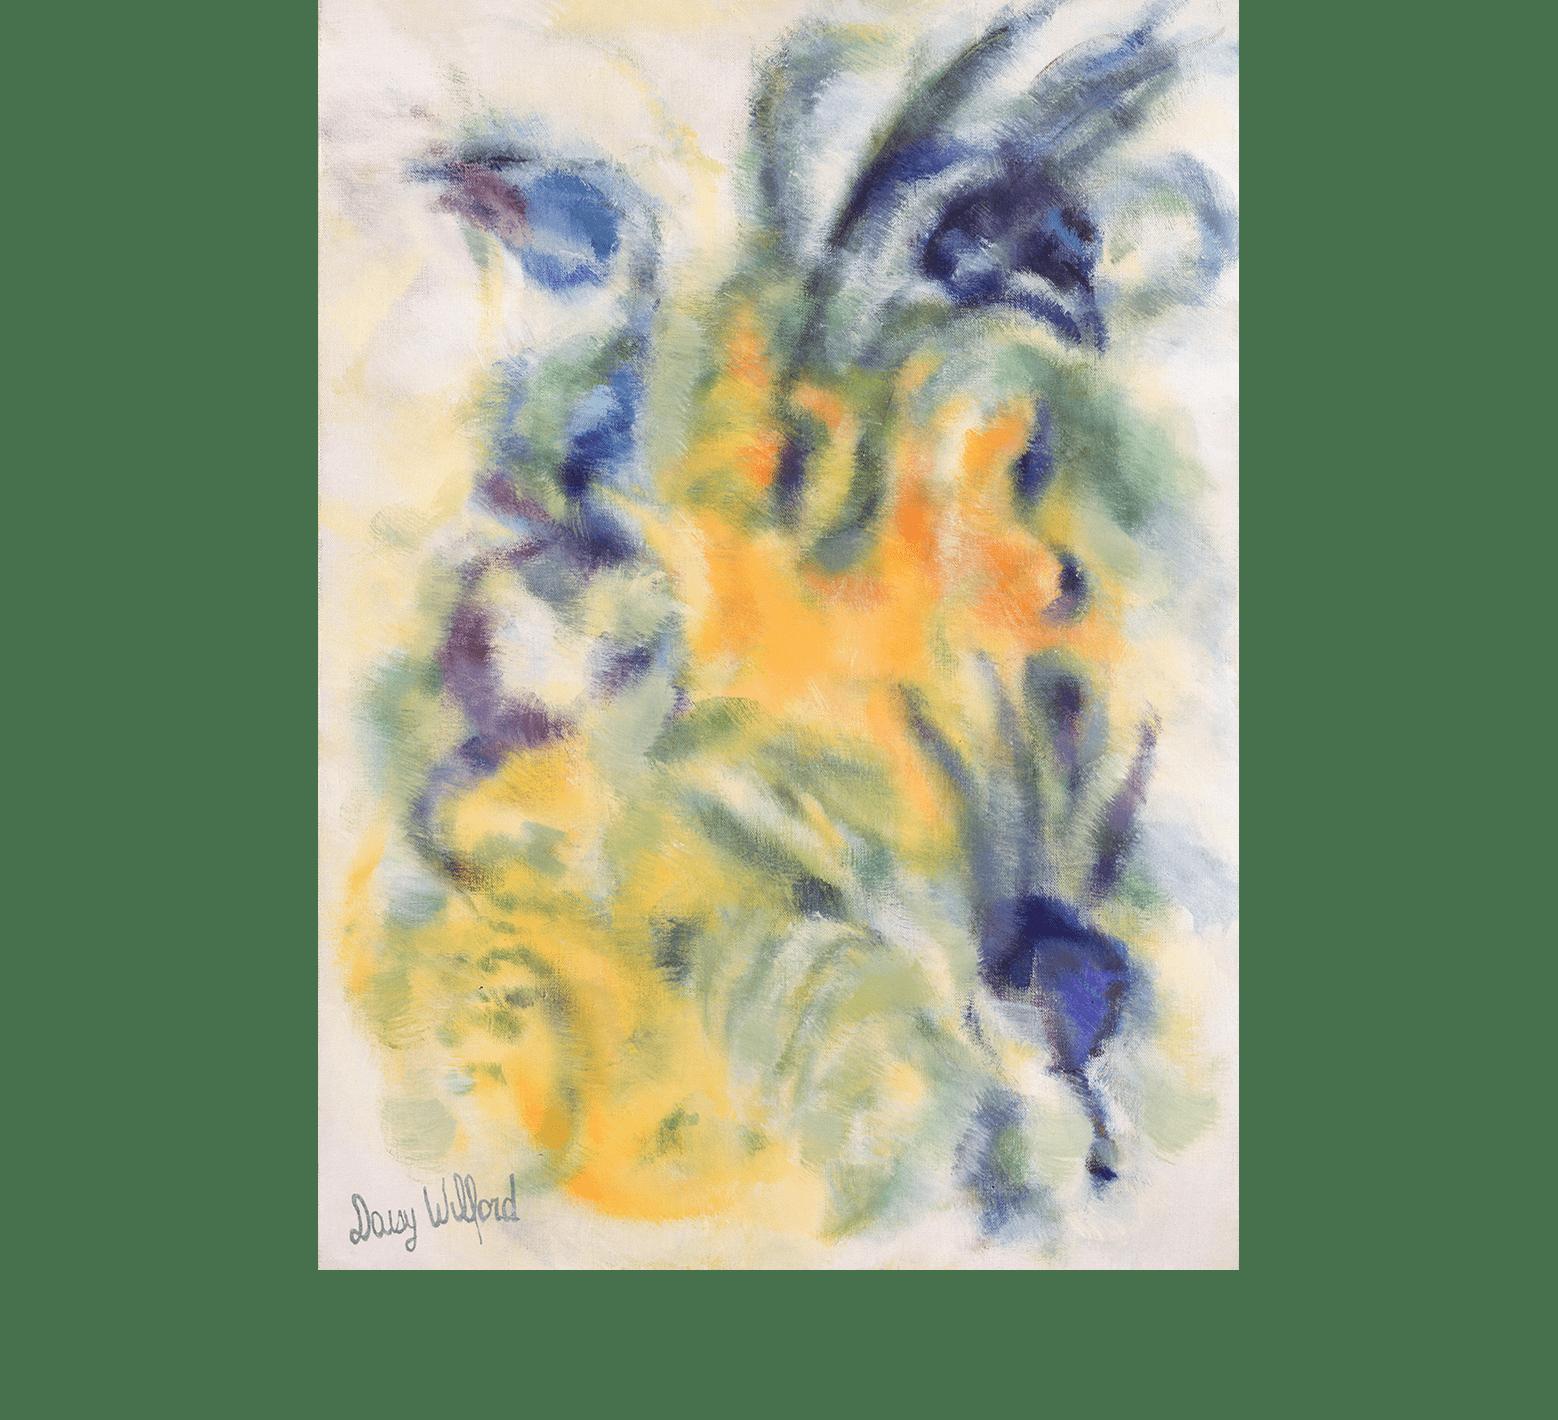 Oiseaux sauvages (1987-1988)